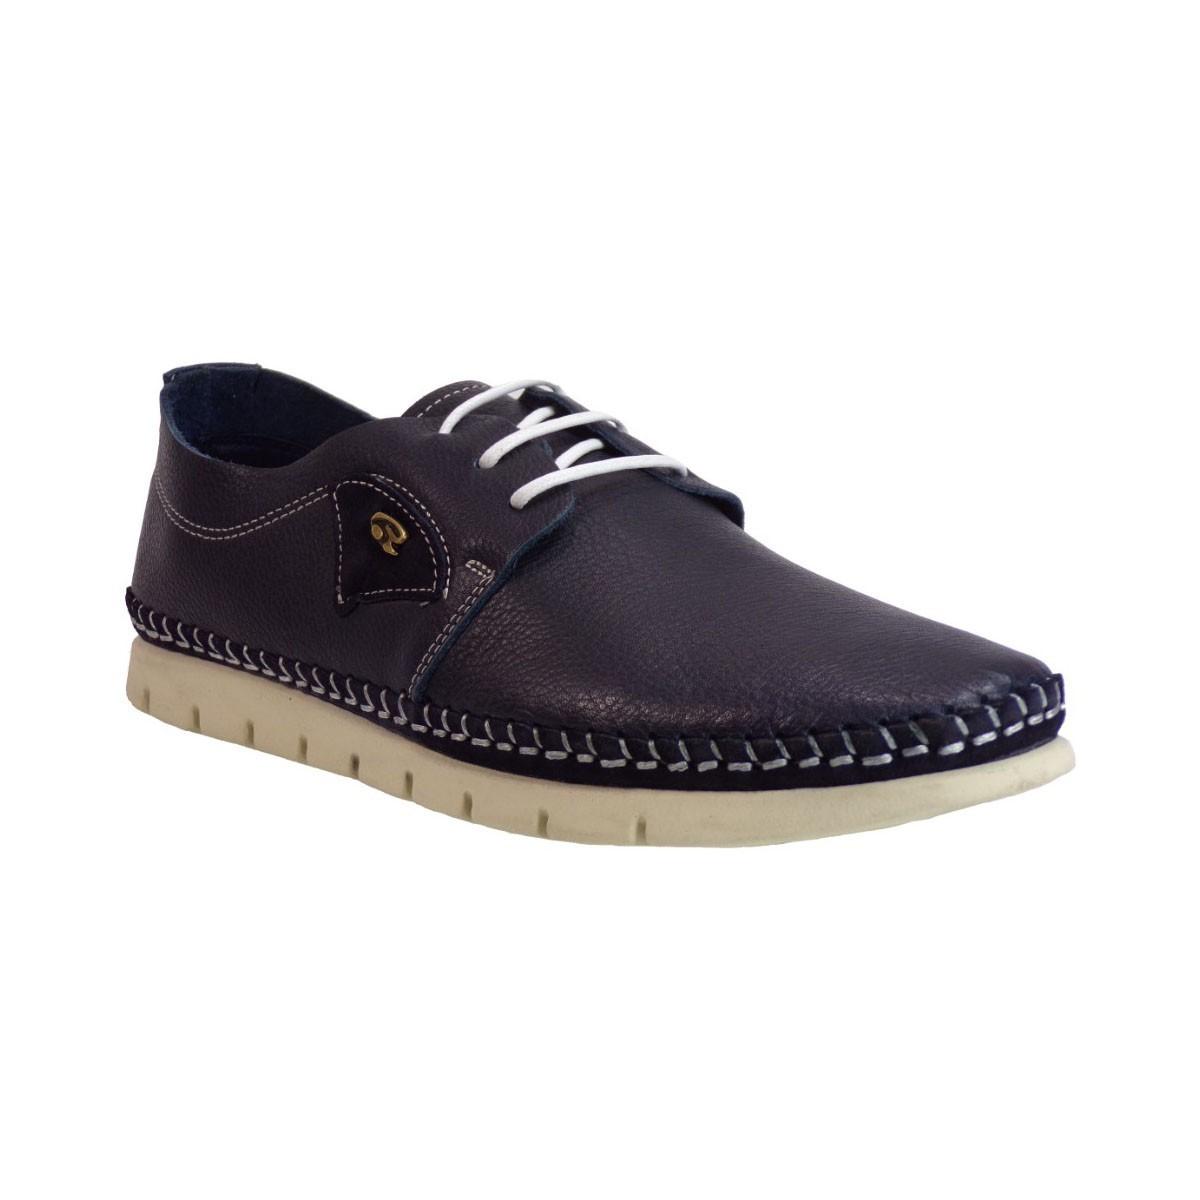 Road Ανδρικά Παπούτσια 16916 Μπλε